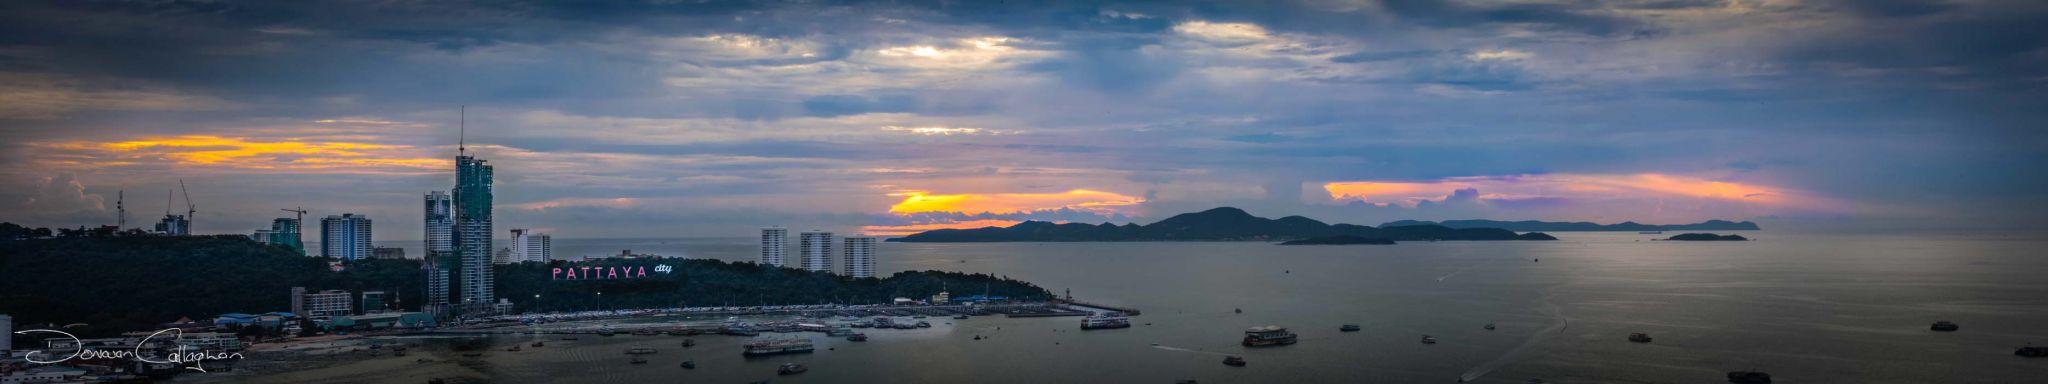 Sunrise Pattaya paorama, Thailand